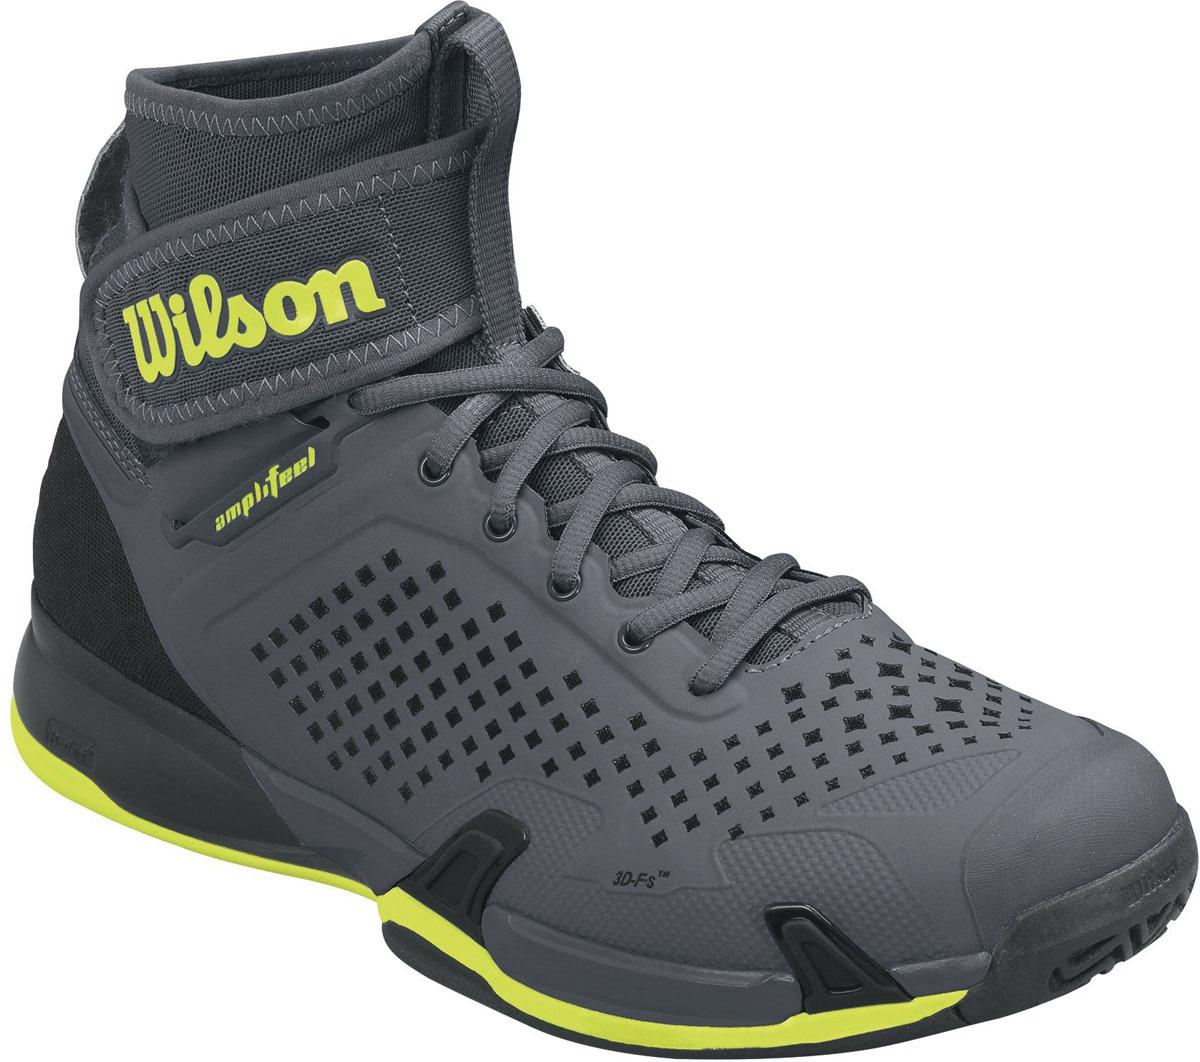 Кроссовки для тенниса мужские Wilson Amplifeel, цвет: темно-серый. WRS322840. Размер 9,5 (43) - Теннис